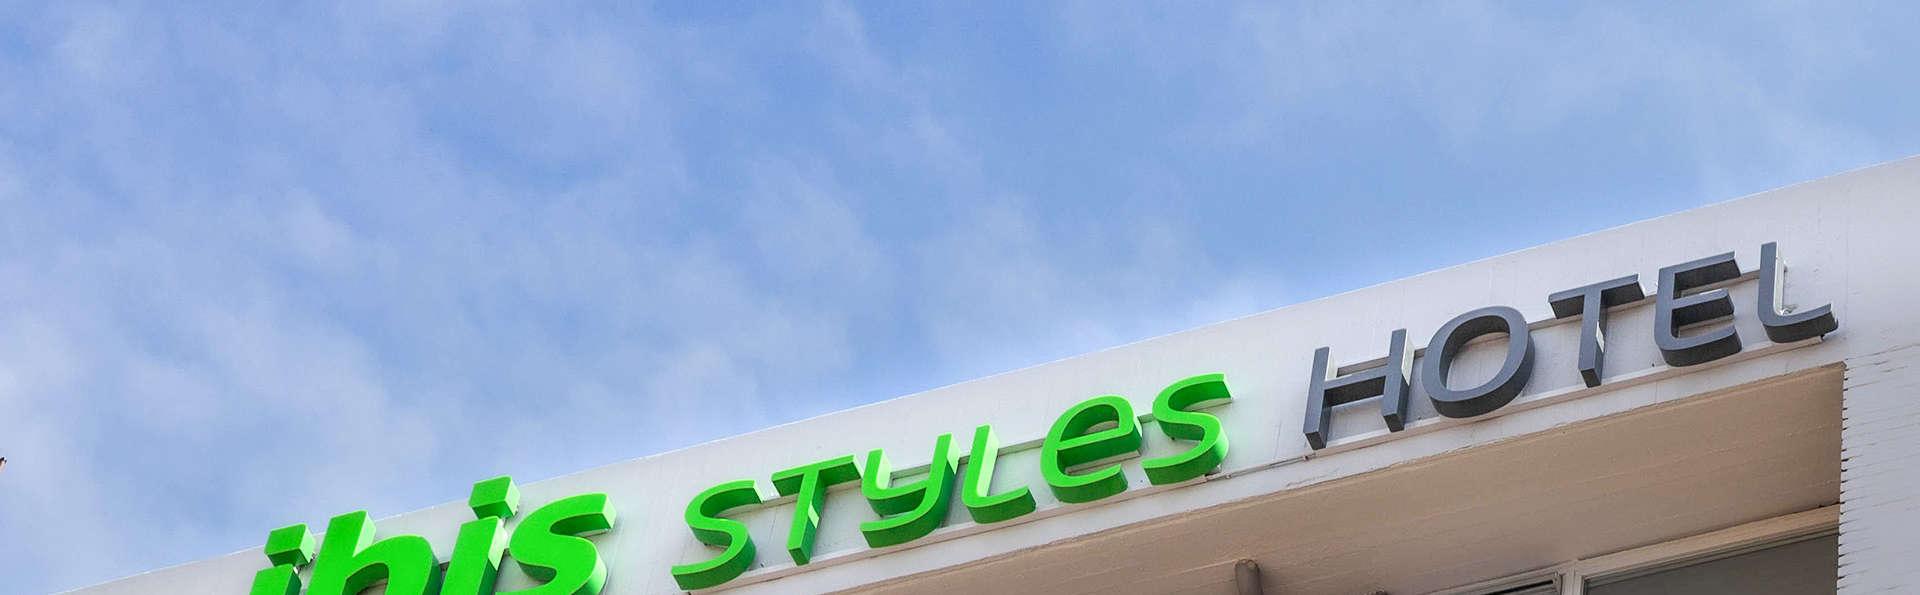 Ibis Styles Den Haag Scheveningen - EDIT_Hotel_Ibis_Styles_Delft_01.jpg